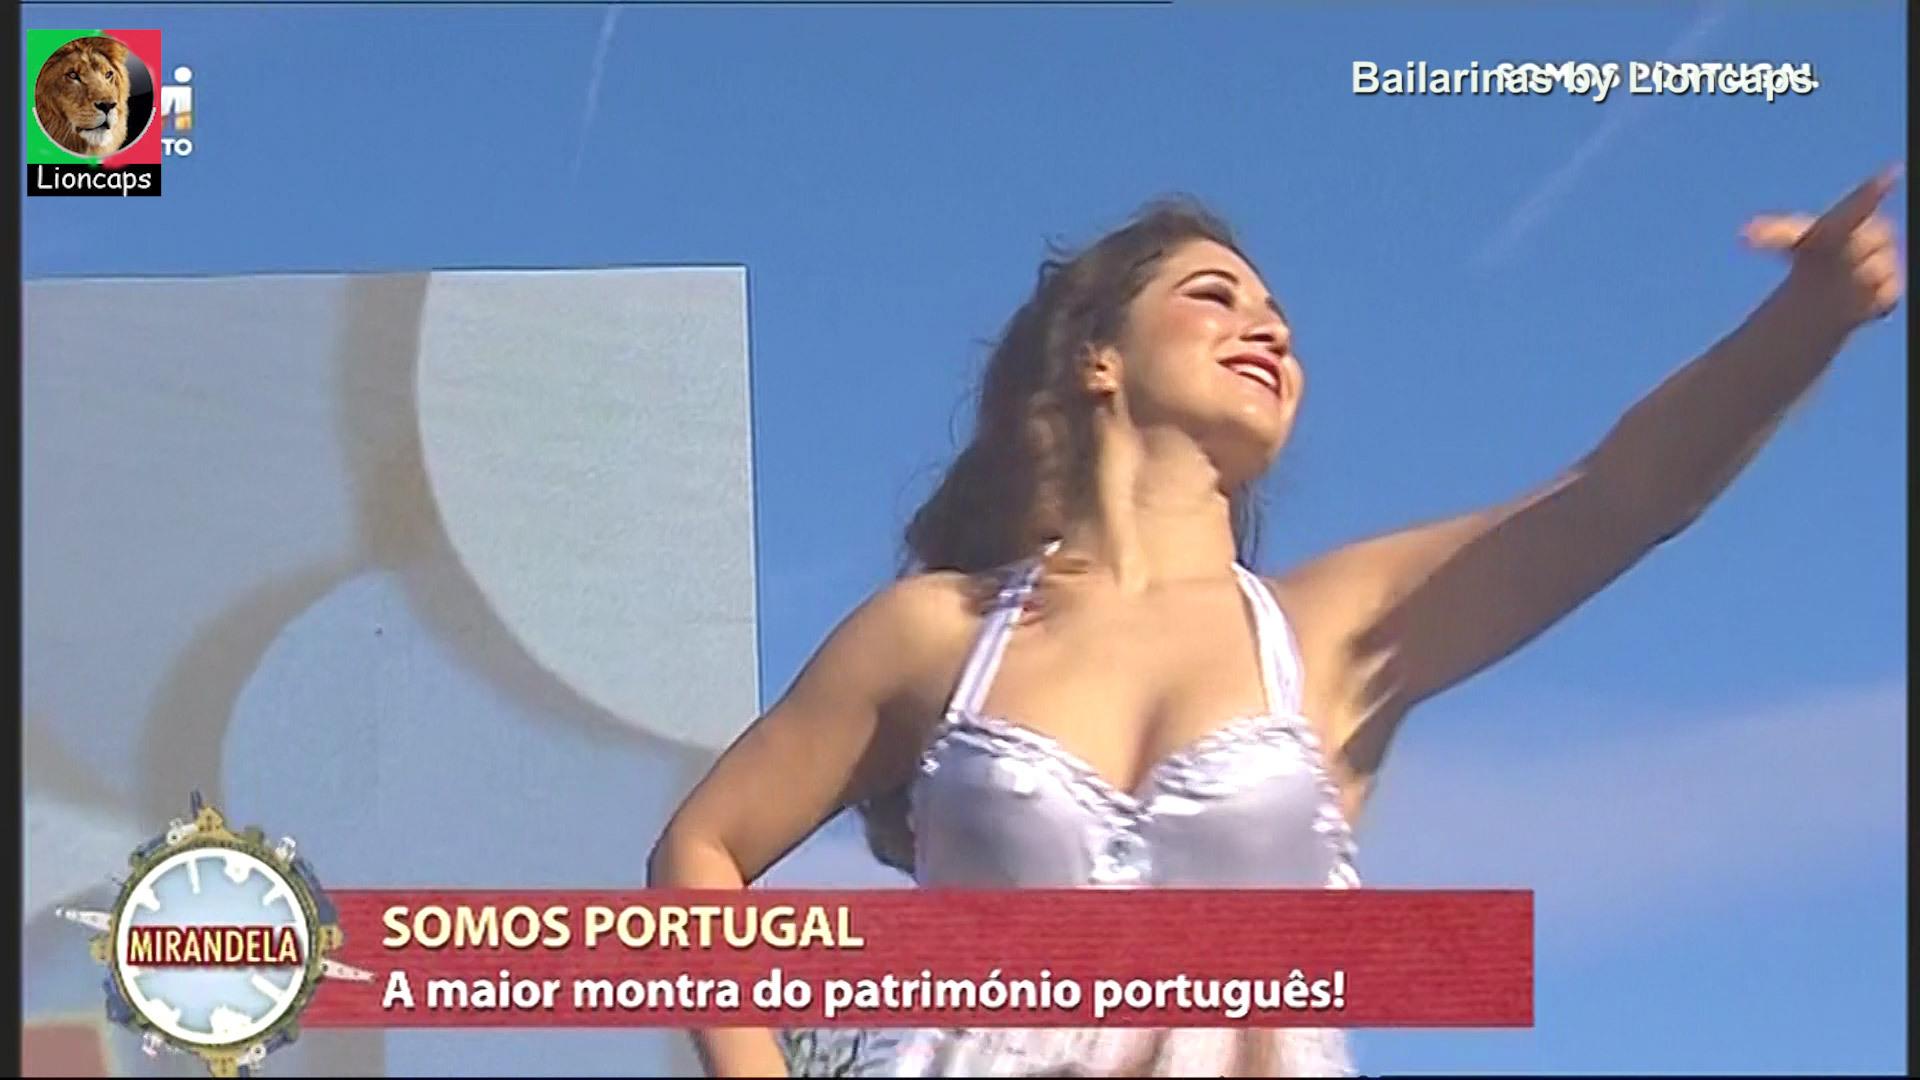 bailarinas (79).jpg